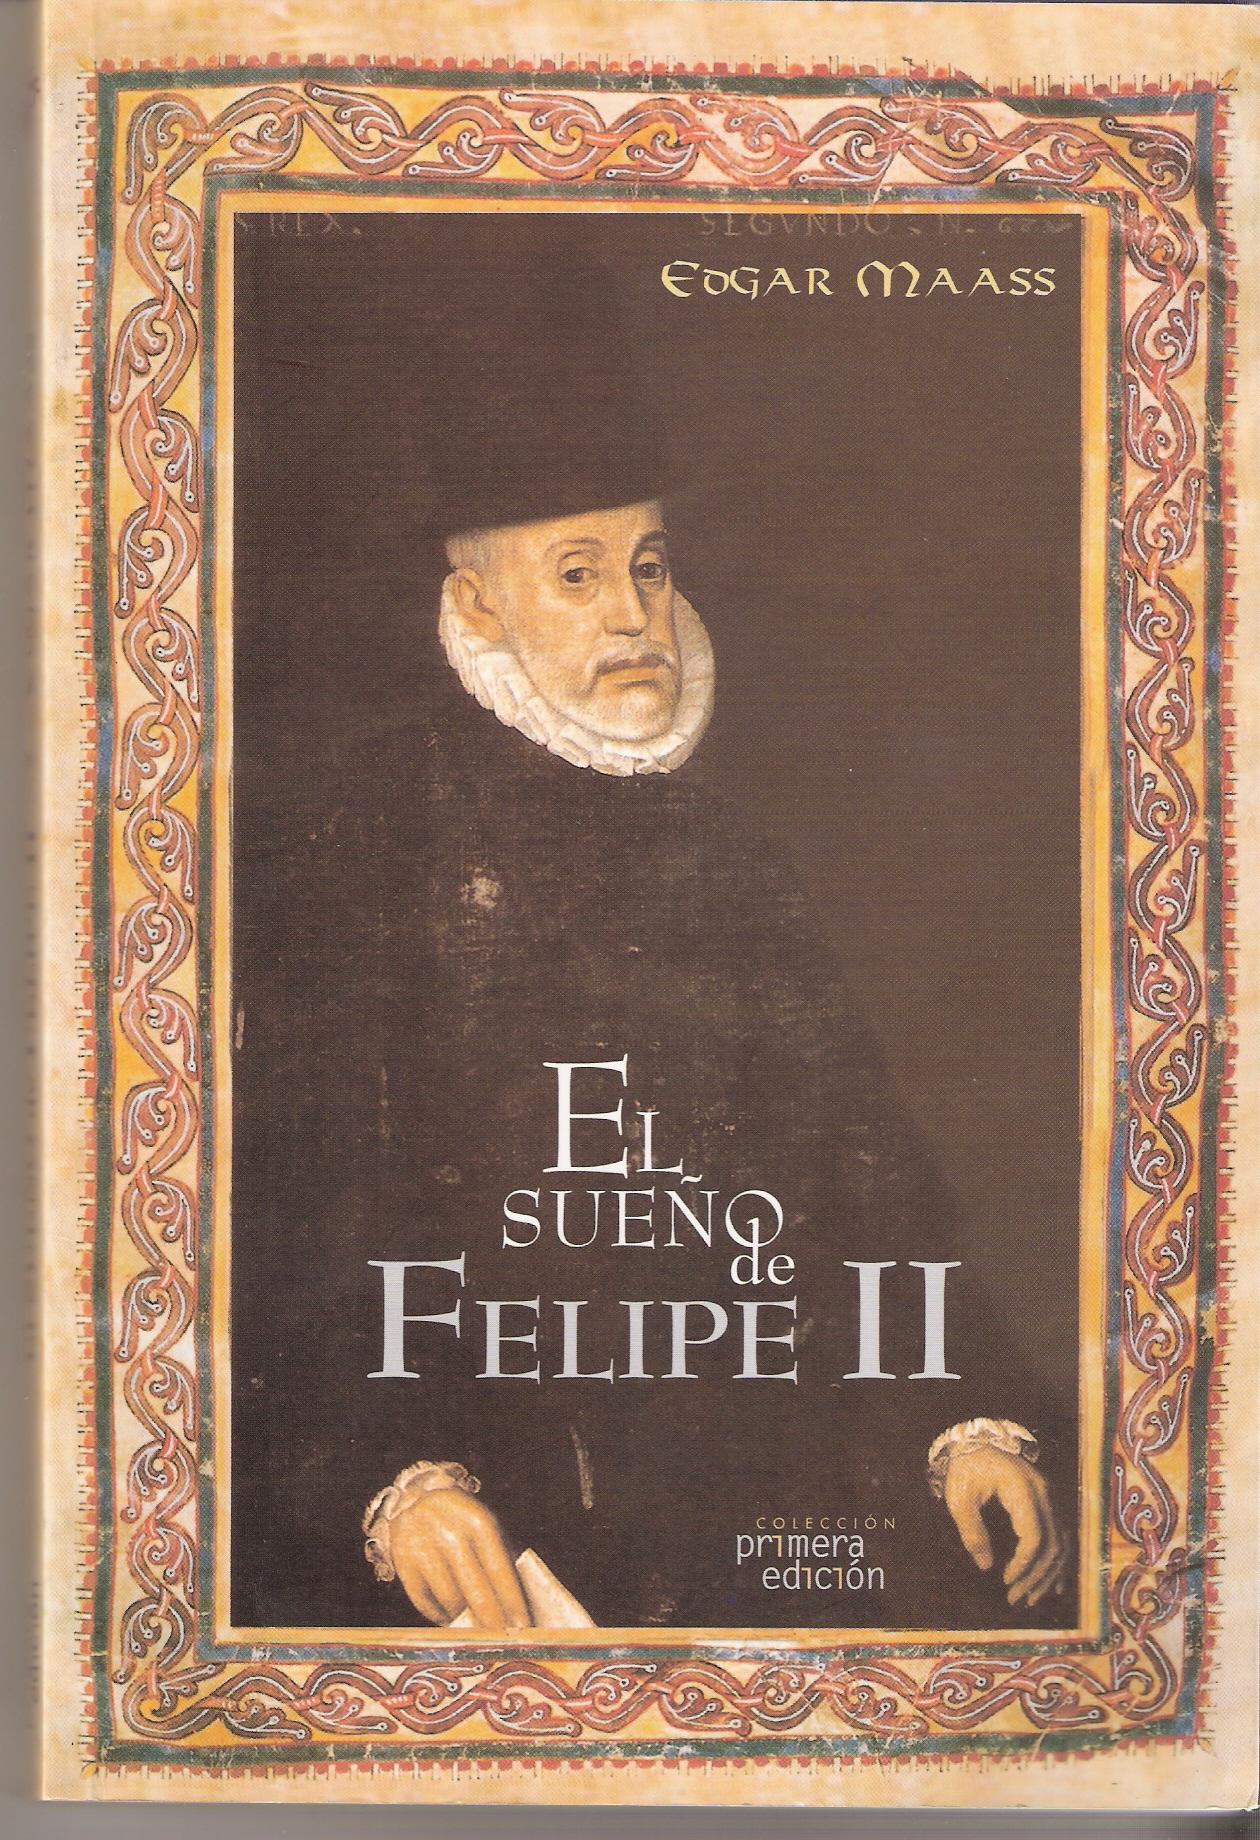 Más sobre EL SUEÑO DE FELIPE II